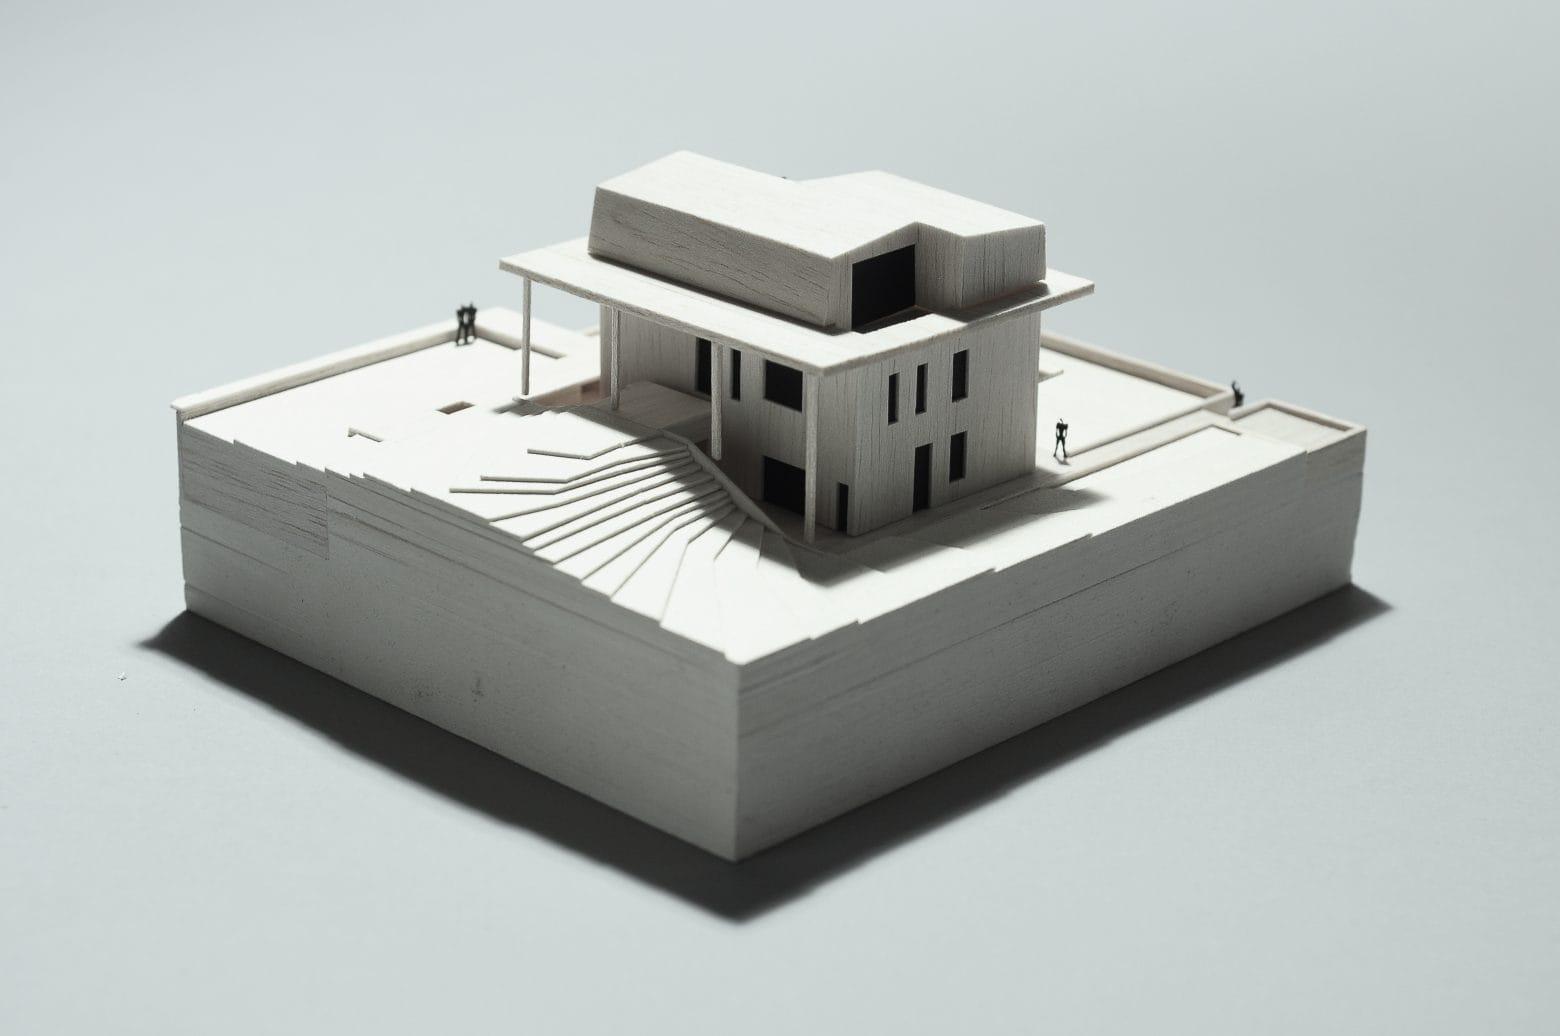 Szemlohegy modell manzard 01